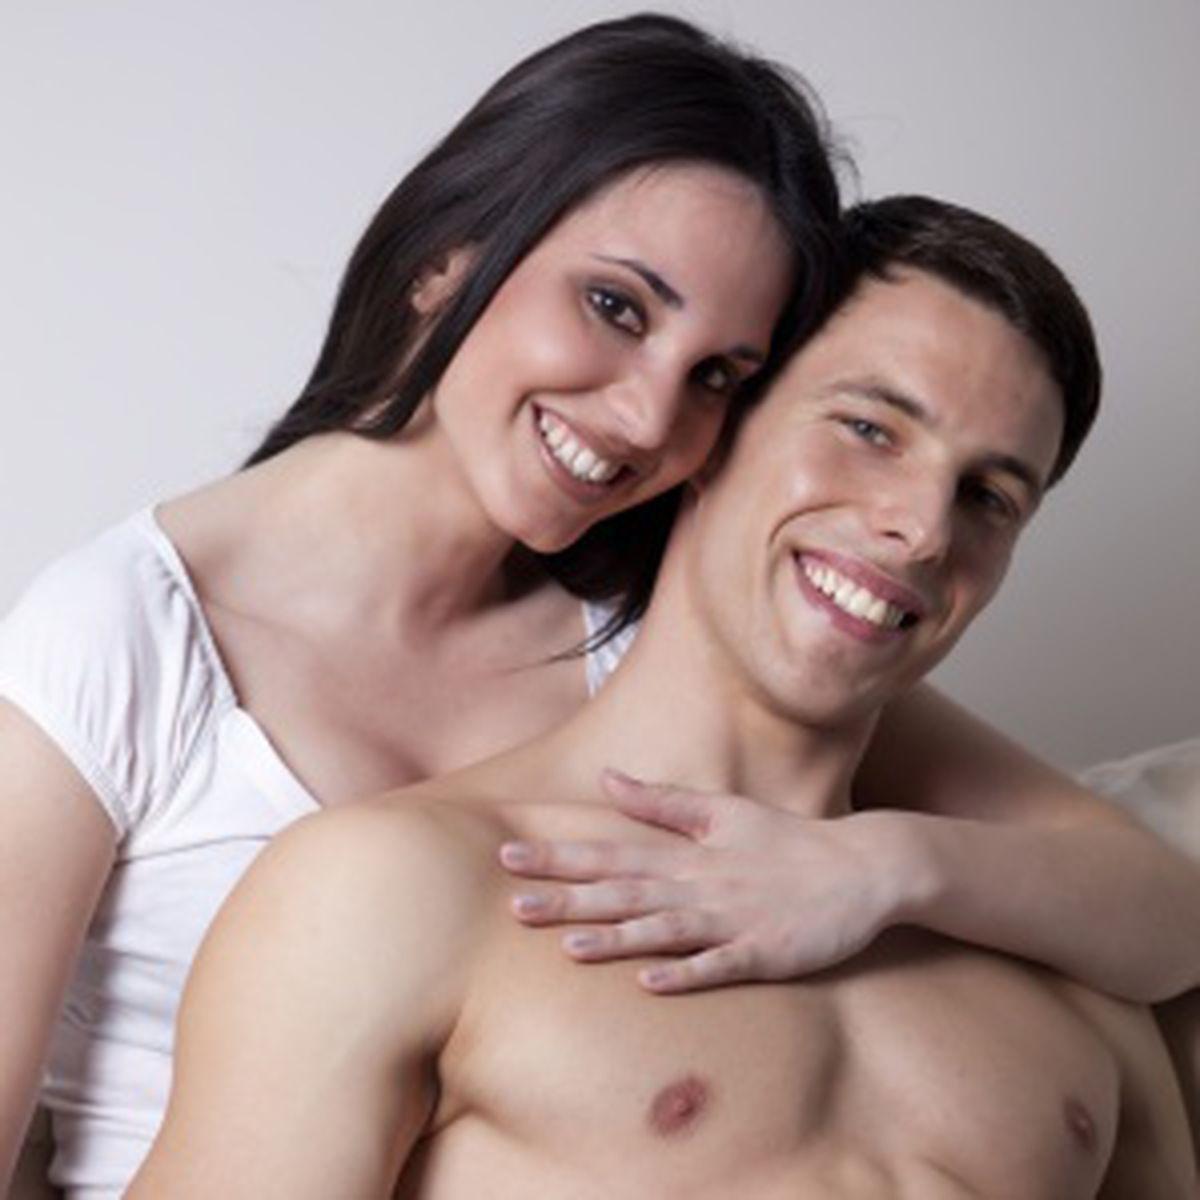 penisul a devenit flasc și mai mic semne ale unei erecții la un bărbat